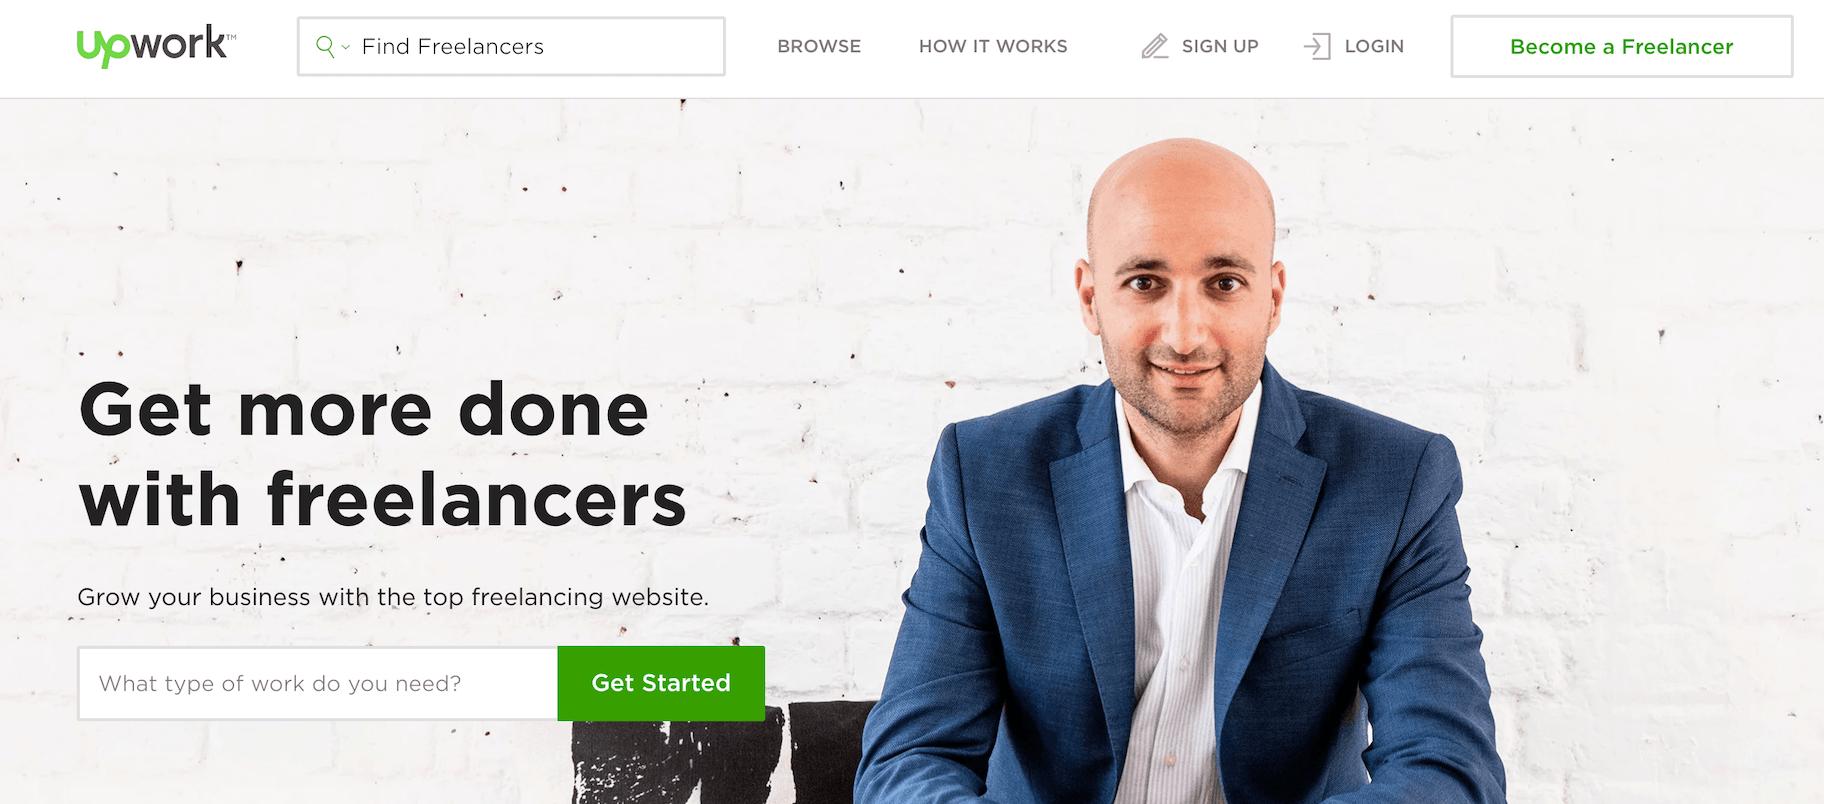 Les meilleurs sites pour trouver des freelances